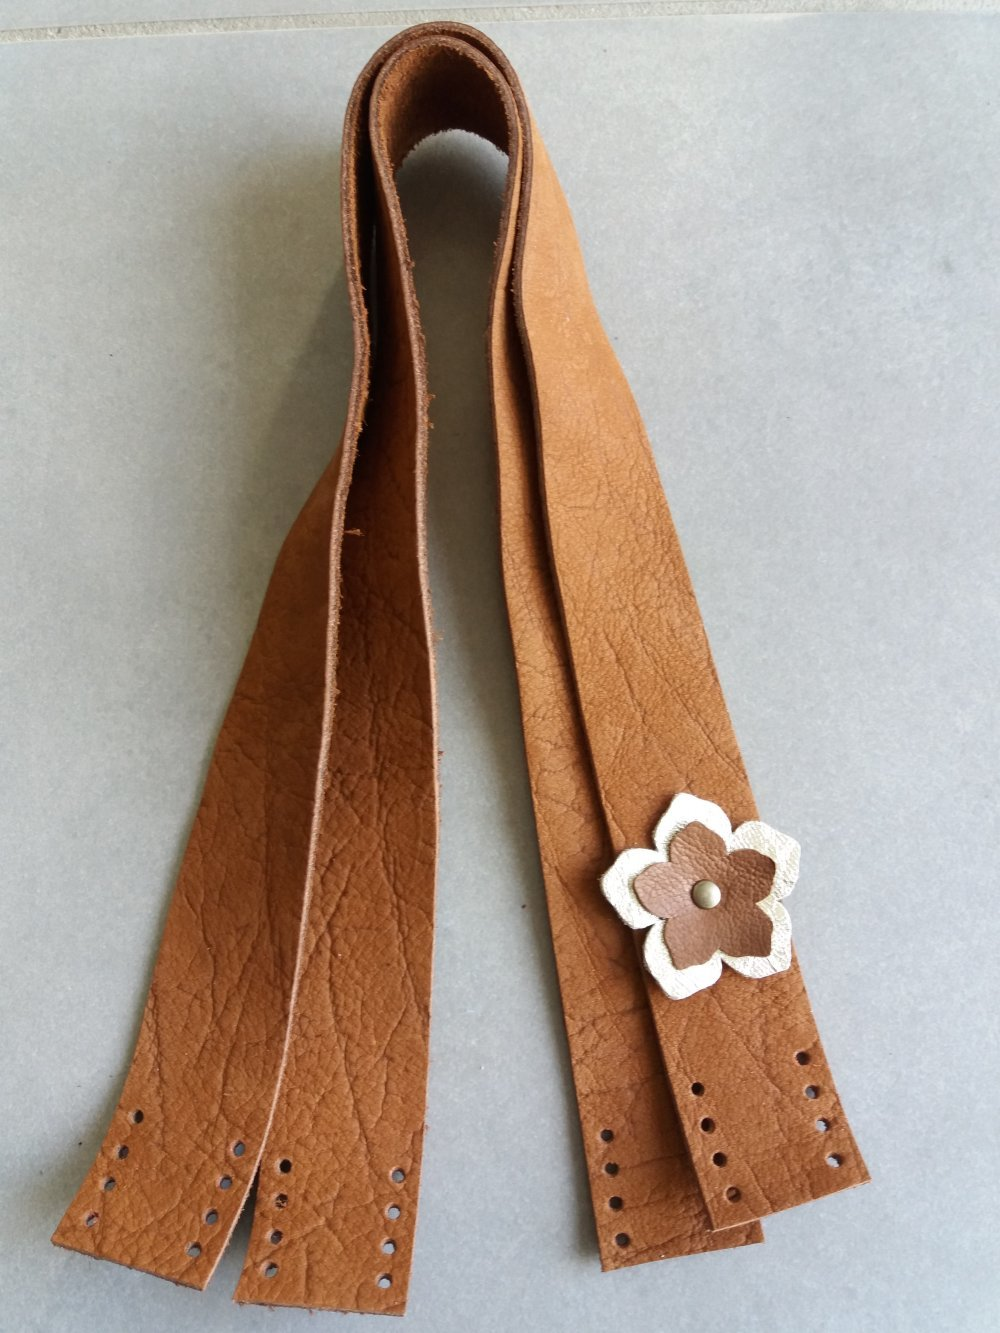 Anses de sac à coudre en cuir marron et fleur dorée et marron - Fait main